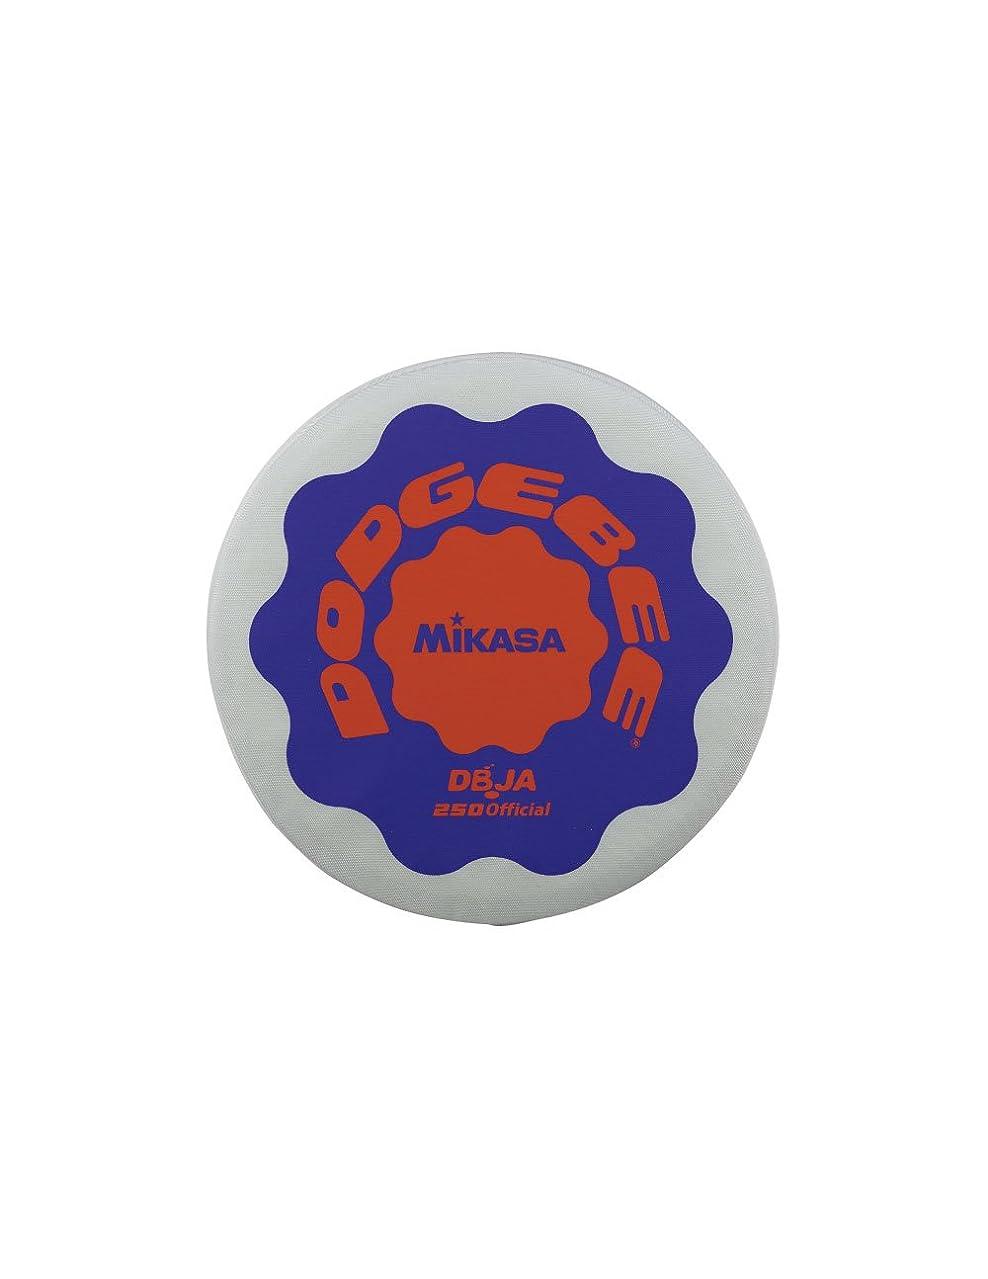 脅威学校教育嵐のミカサ ドッヂビー250ミカサモデル ブルー 協会認定 DBJA250-BL [並行輸入品]